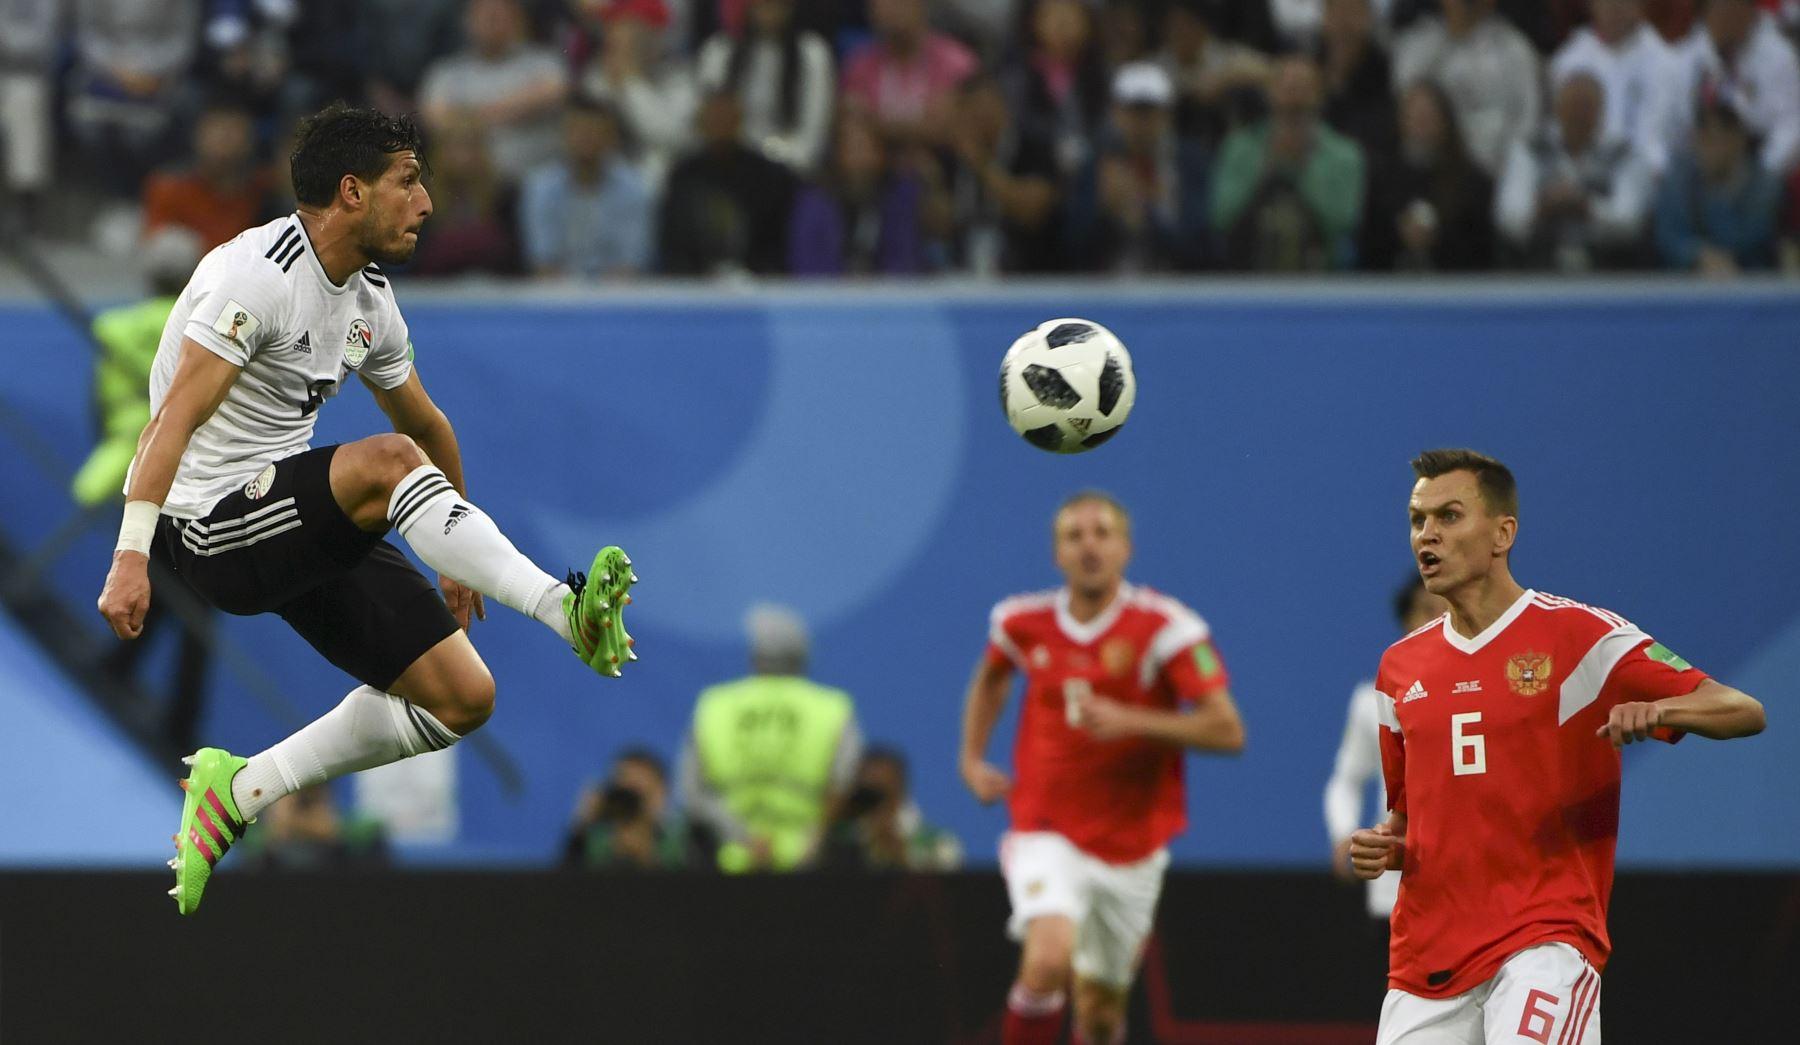 El defensor egipcio Ahmed Fathi controla el balón durante el partido de fútbol Rusia A del Grupo A de la Copa Mundial 2018 entre Rusia y Egipto en el Estadio de San Petersburgo en San Petersburgo el 19 de junio de 2018. / AFP